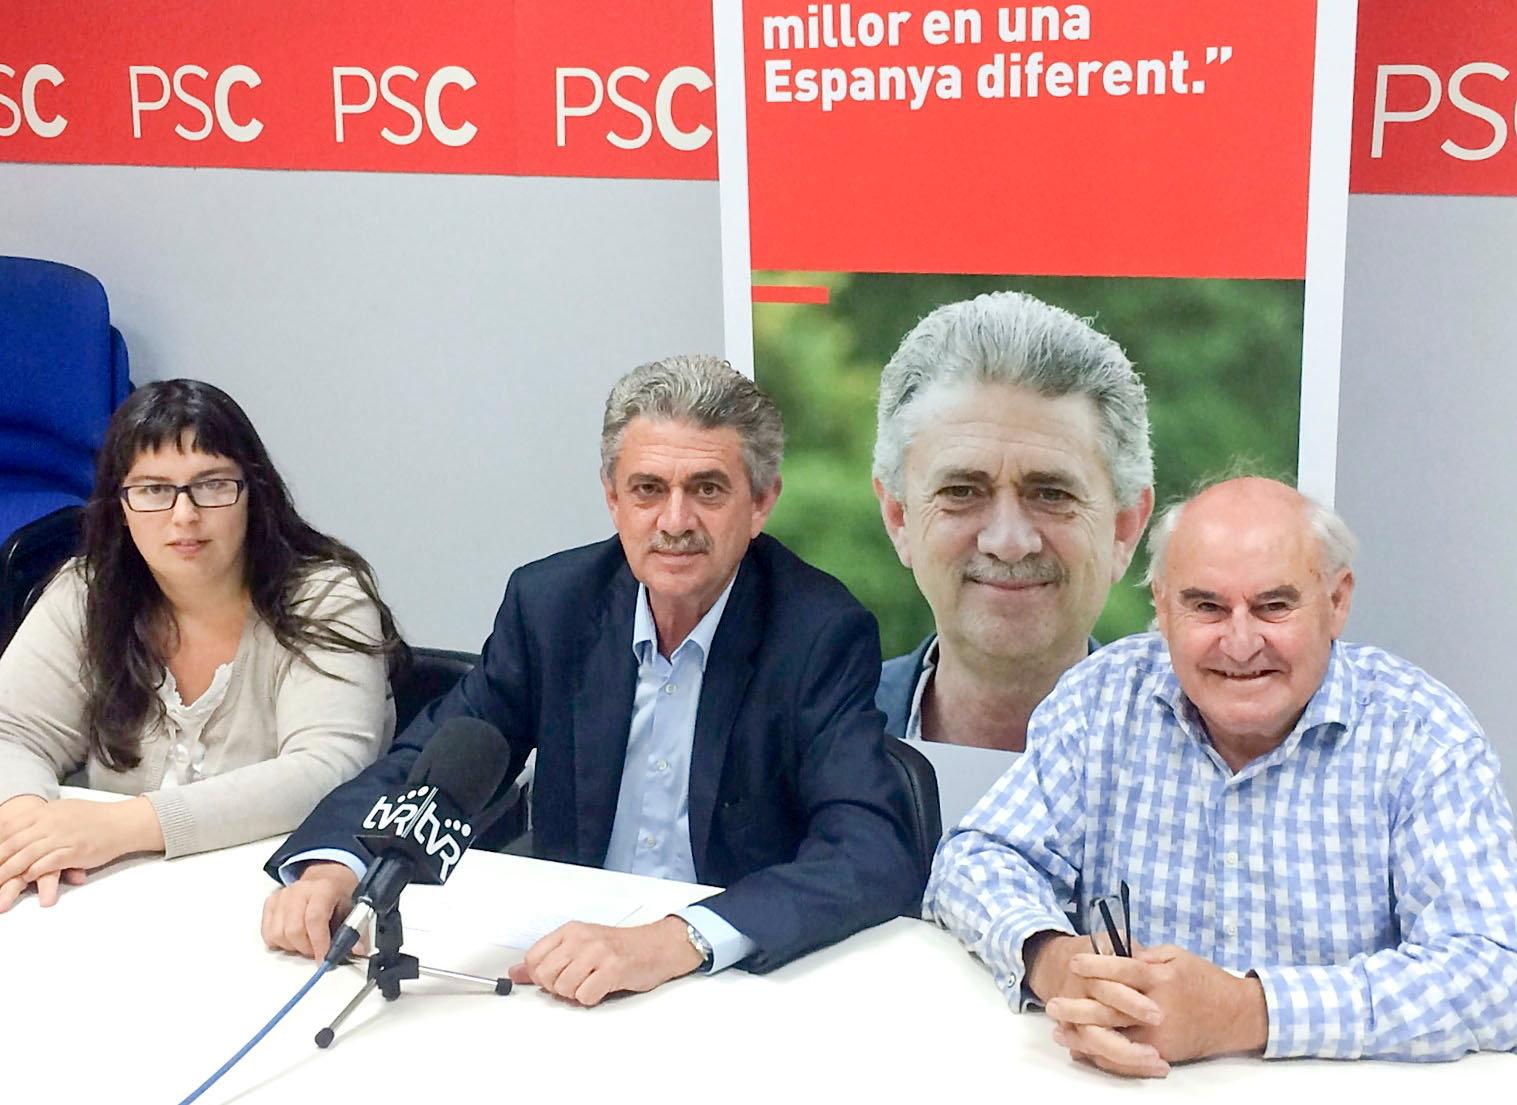 Anna Belén Avilés i Carlos Fernández flanquegen Rafel Bruguera en un acte electoral del PSC